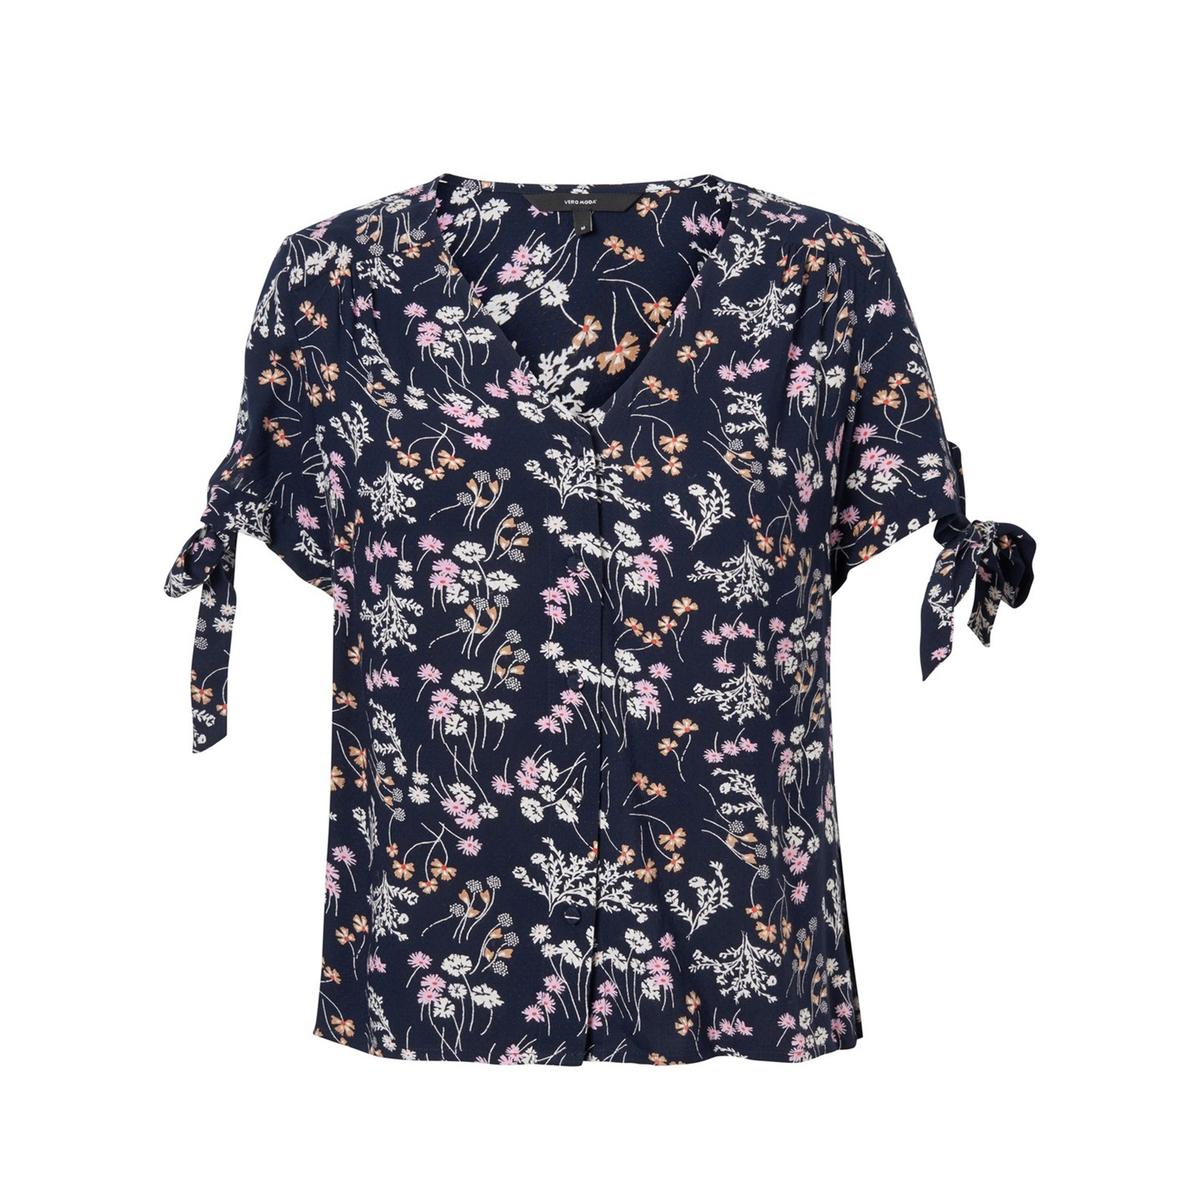 Блузка La Redoute С V-образным вырезом цветочным рисунком и короткими рукавами Lotus XS синий цены онлайн